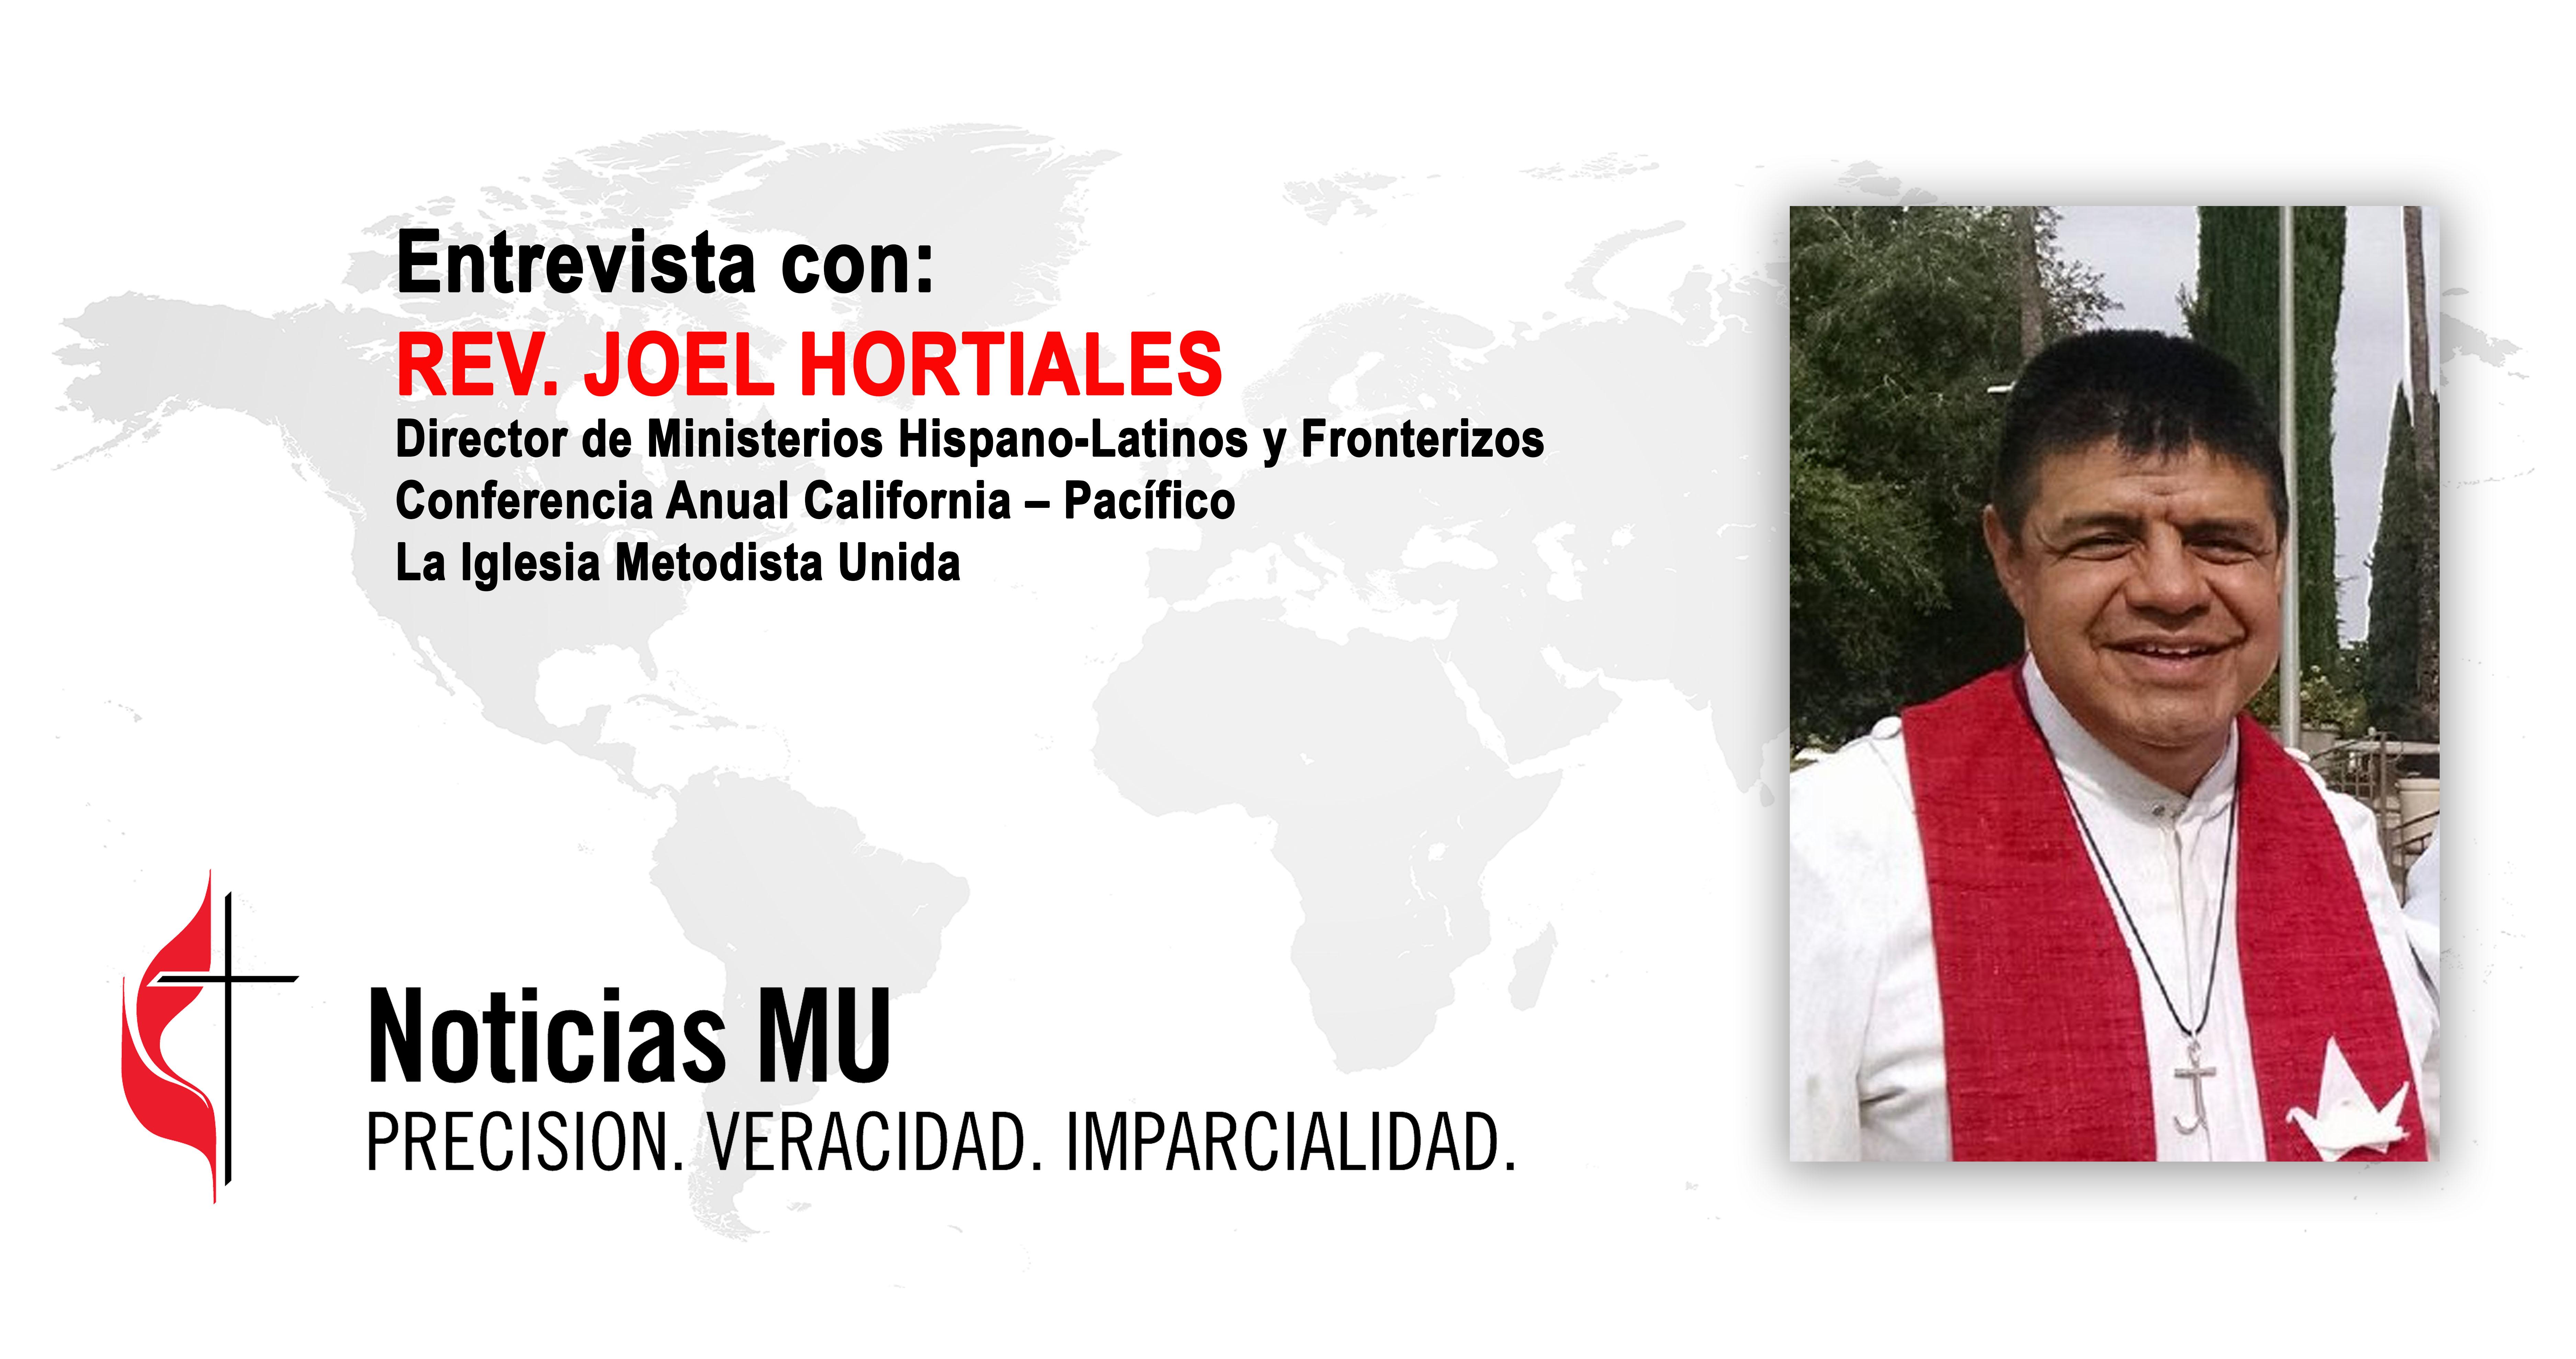 El Rev. Joel Hortiales, Director de los Ministerios Hispano-Latinos y Fronterizos de la Conferencia Anual California - Pacífico (Cal-Pac) de La Iglesia Metodista Unida, comparte en entrevista concedida a Noticias MU,  la situación de la frontera en el lado oeste y lo que los ministerios metodistas unidos están haciendo en apoyo a las familias migrantes. Fotocomposición Rev. Gustavo Vasquez, Noticias MU.